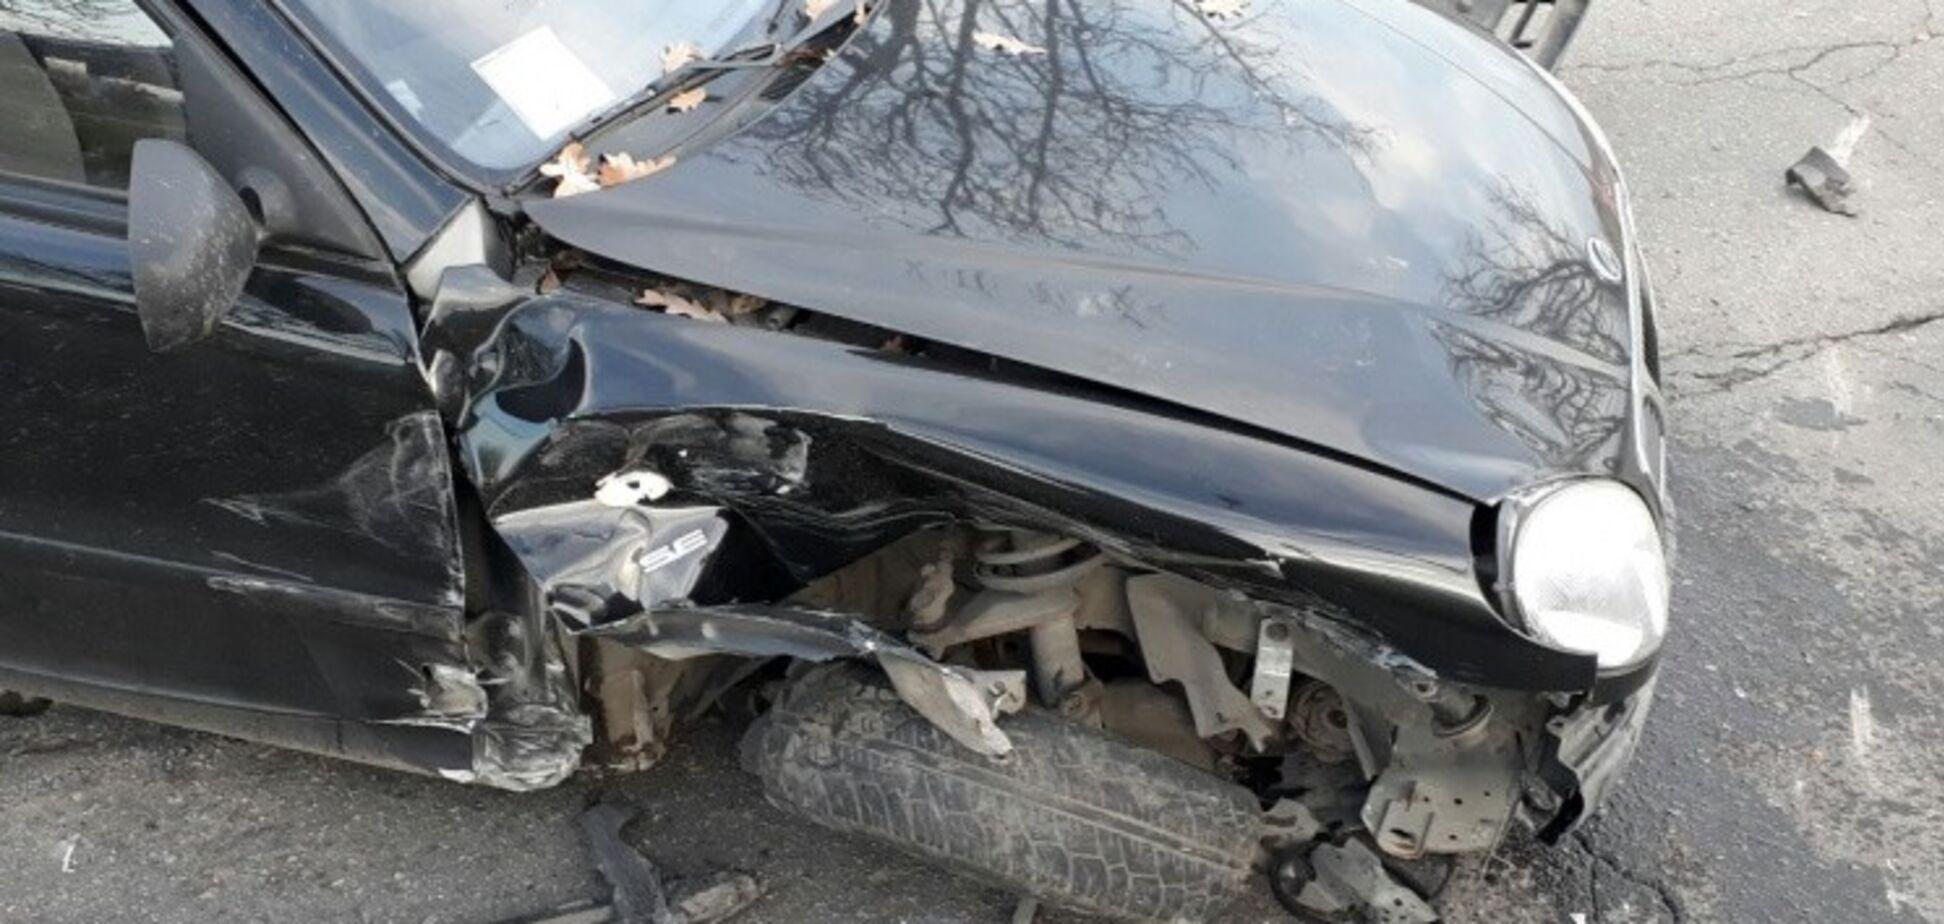 В Шевченковском районе Запорожья произошло ДТП: машины превратились в груду металла (ФОТО)